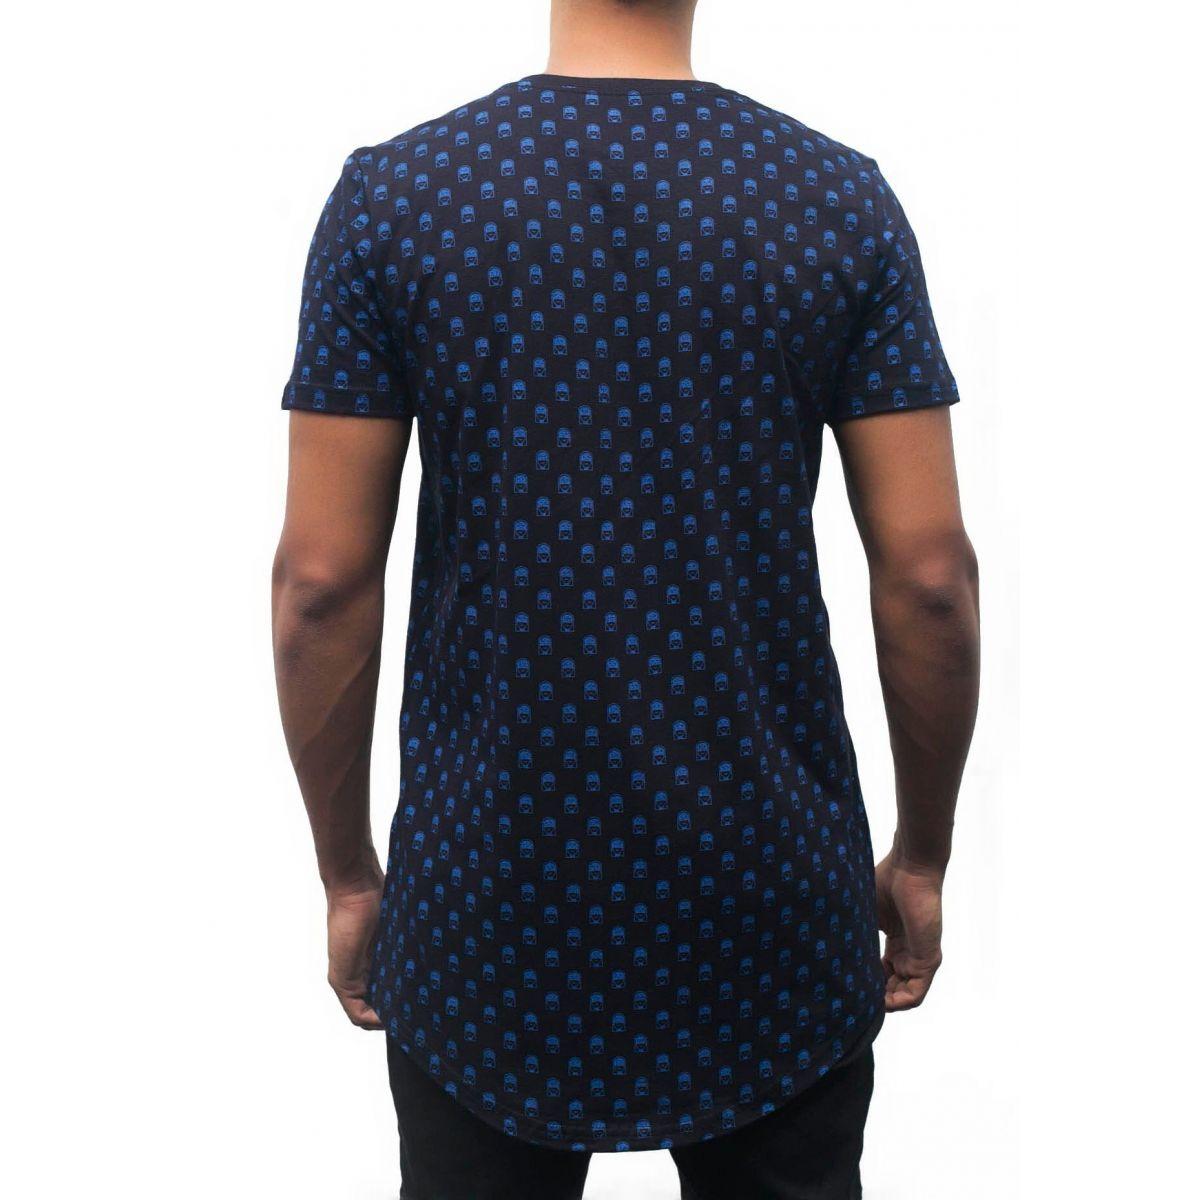 Camiseta Pattern Jesuscopy Masculina - #REINODEPONTACABEÇA  - Jesuscopy